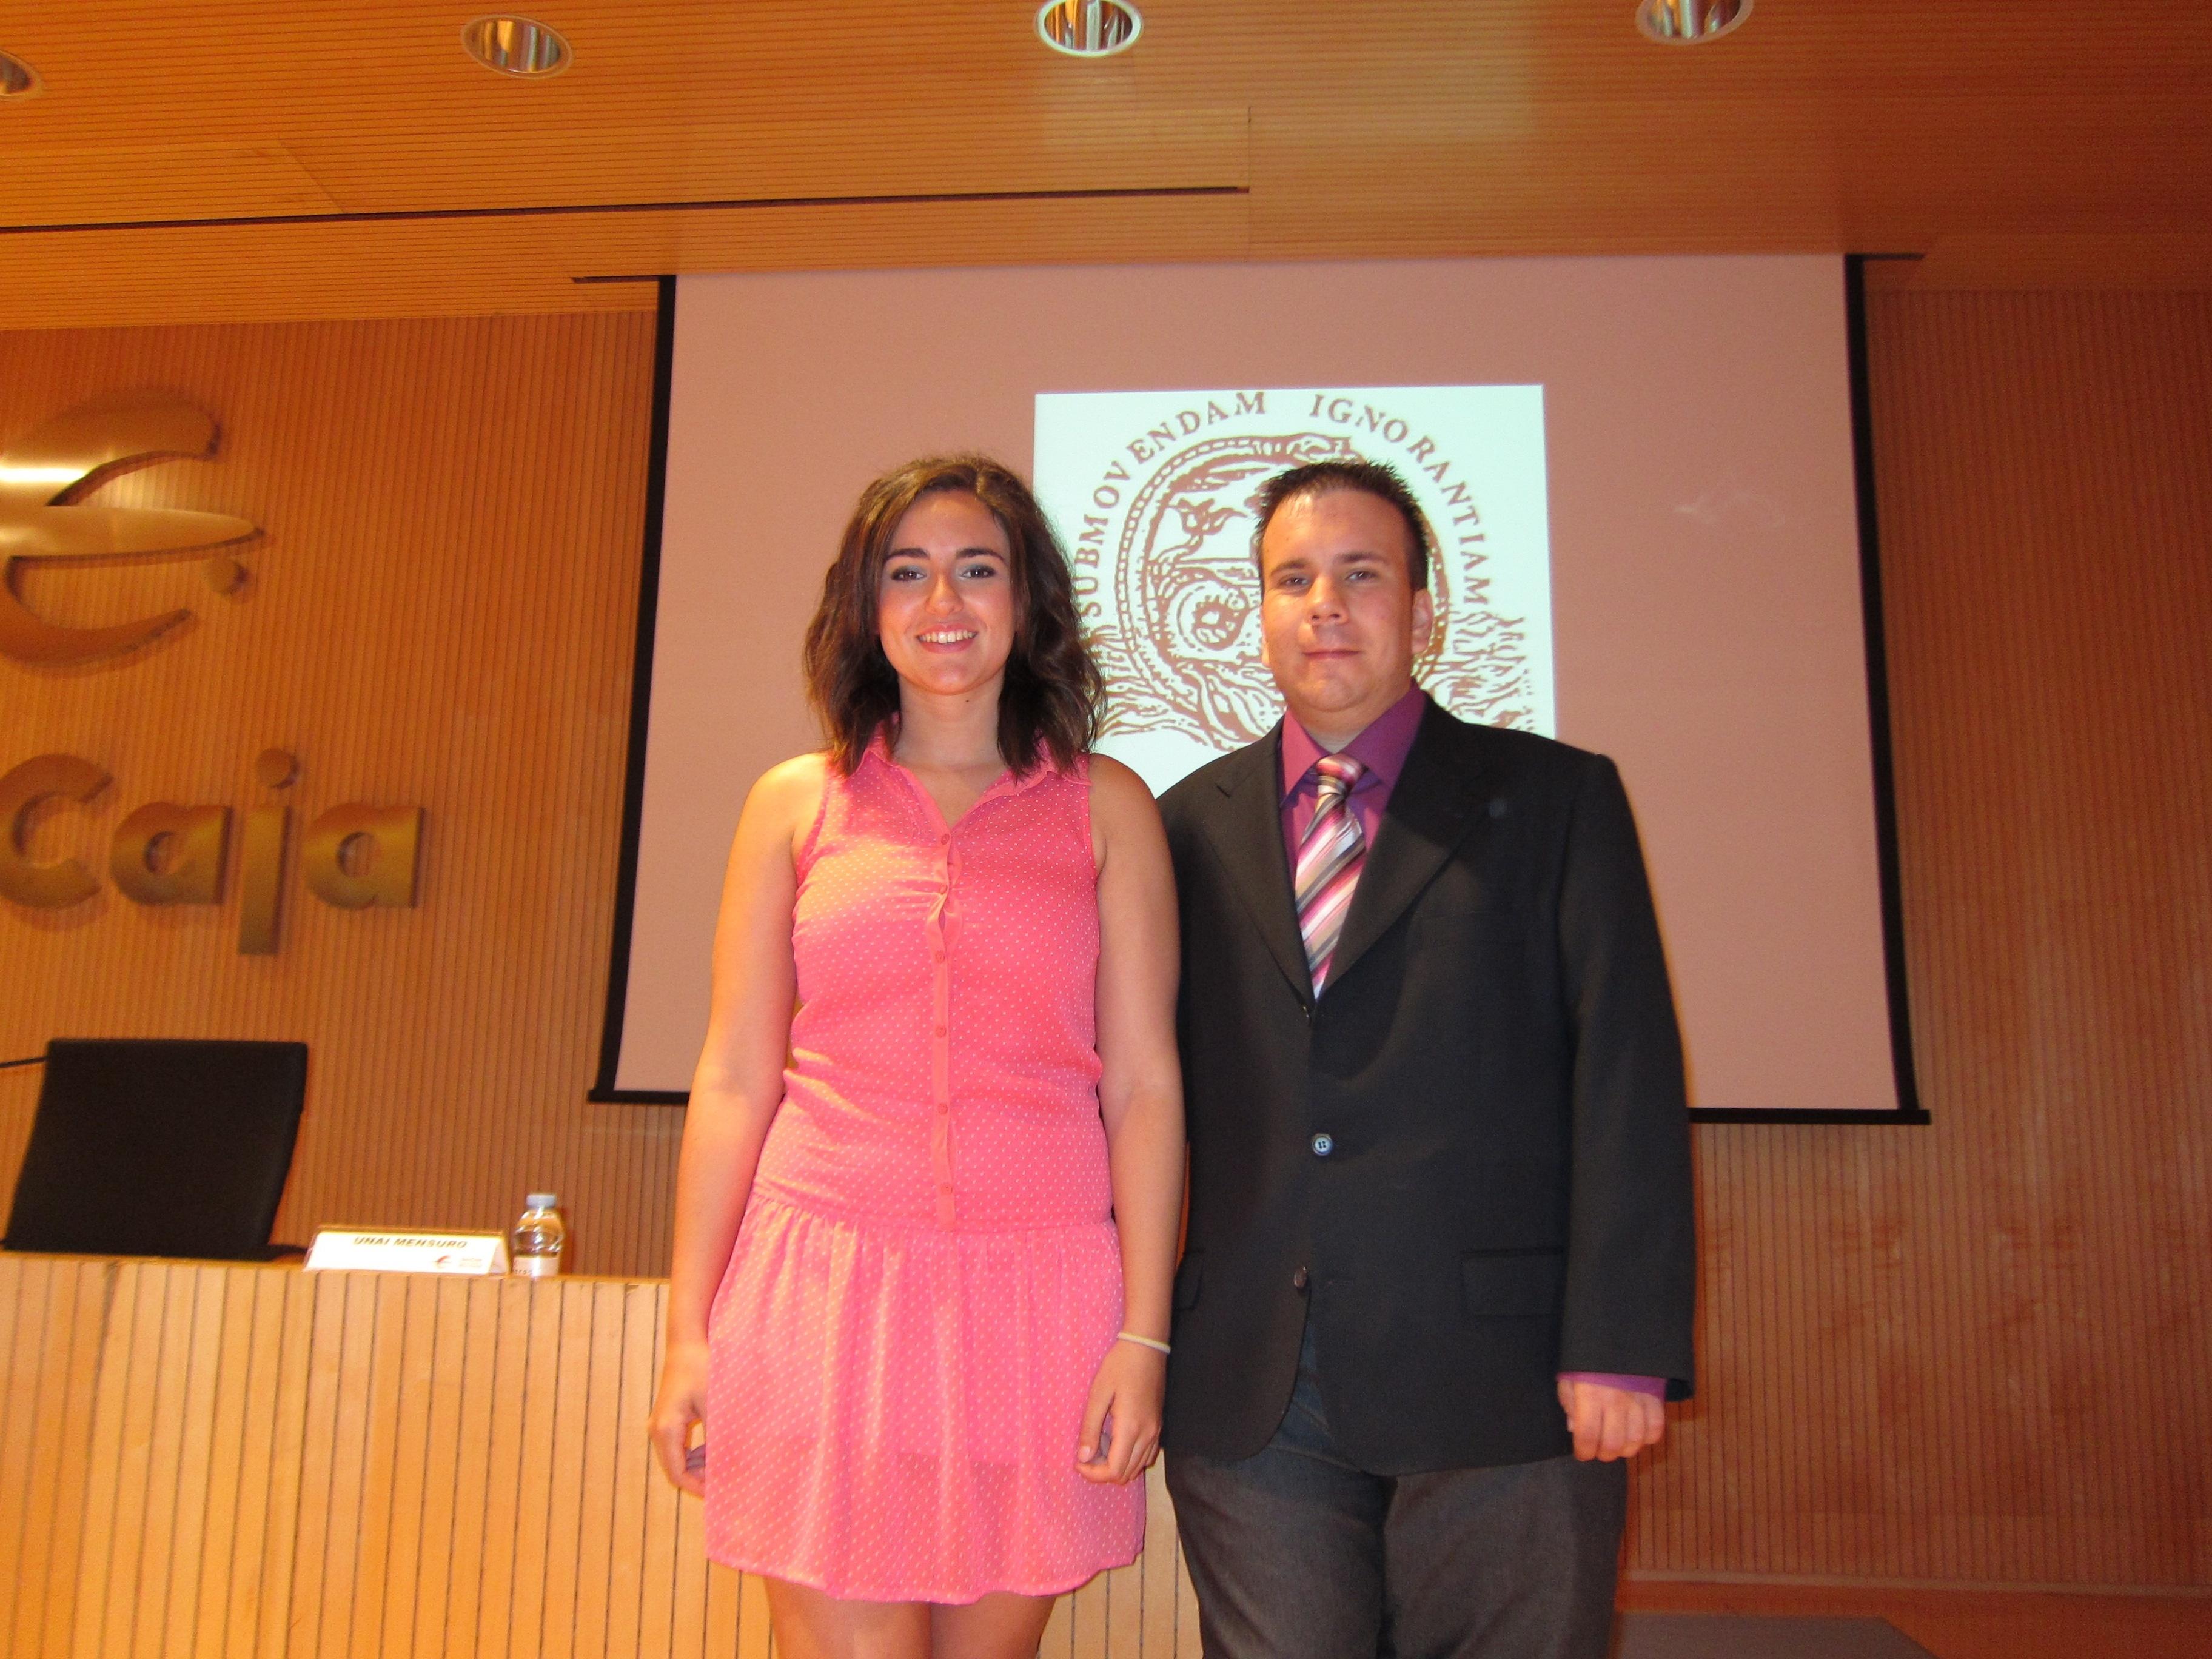 Jóvenes investigadores comparten sus trabajos y experiencias en un congreso, en Ibercaja Patio de la Infanta